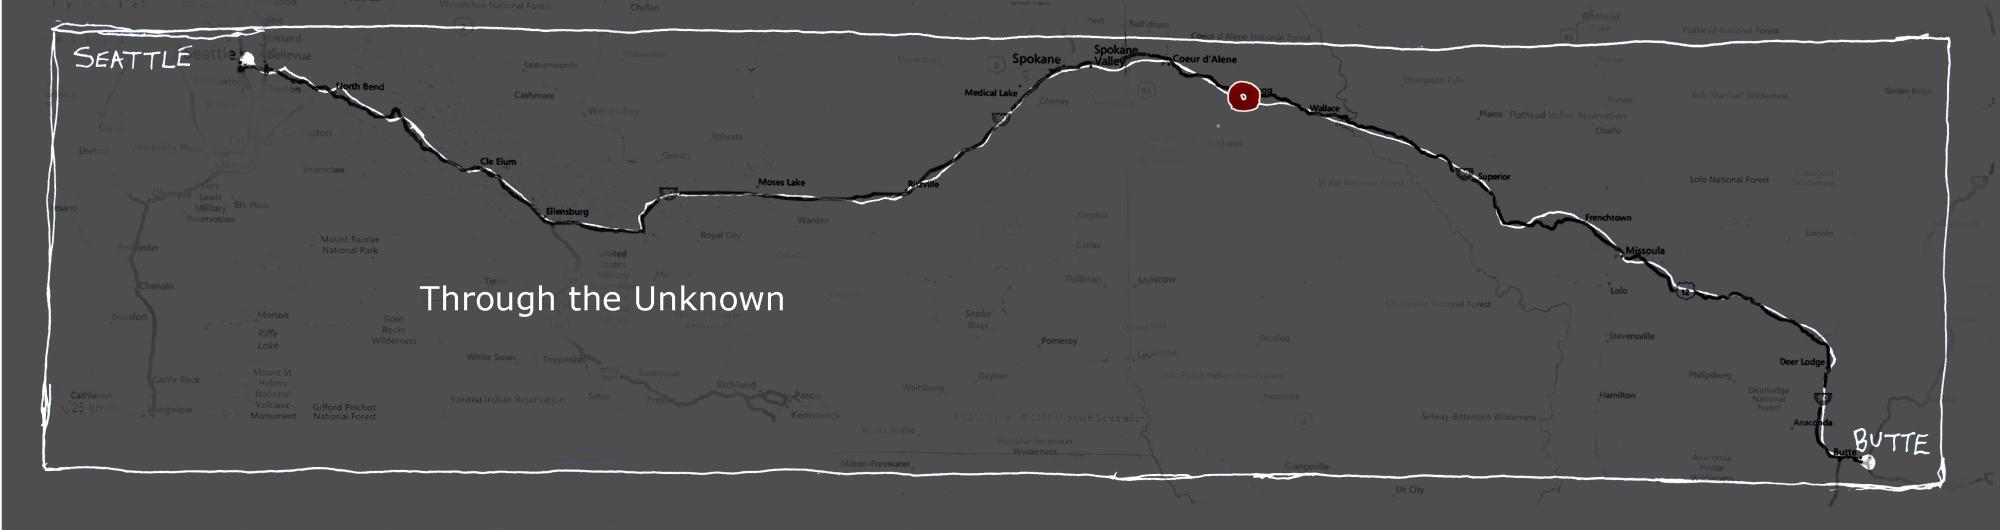 330 map